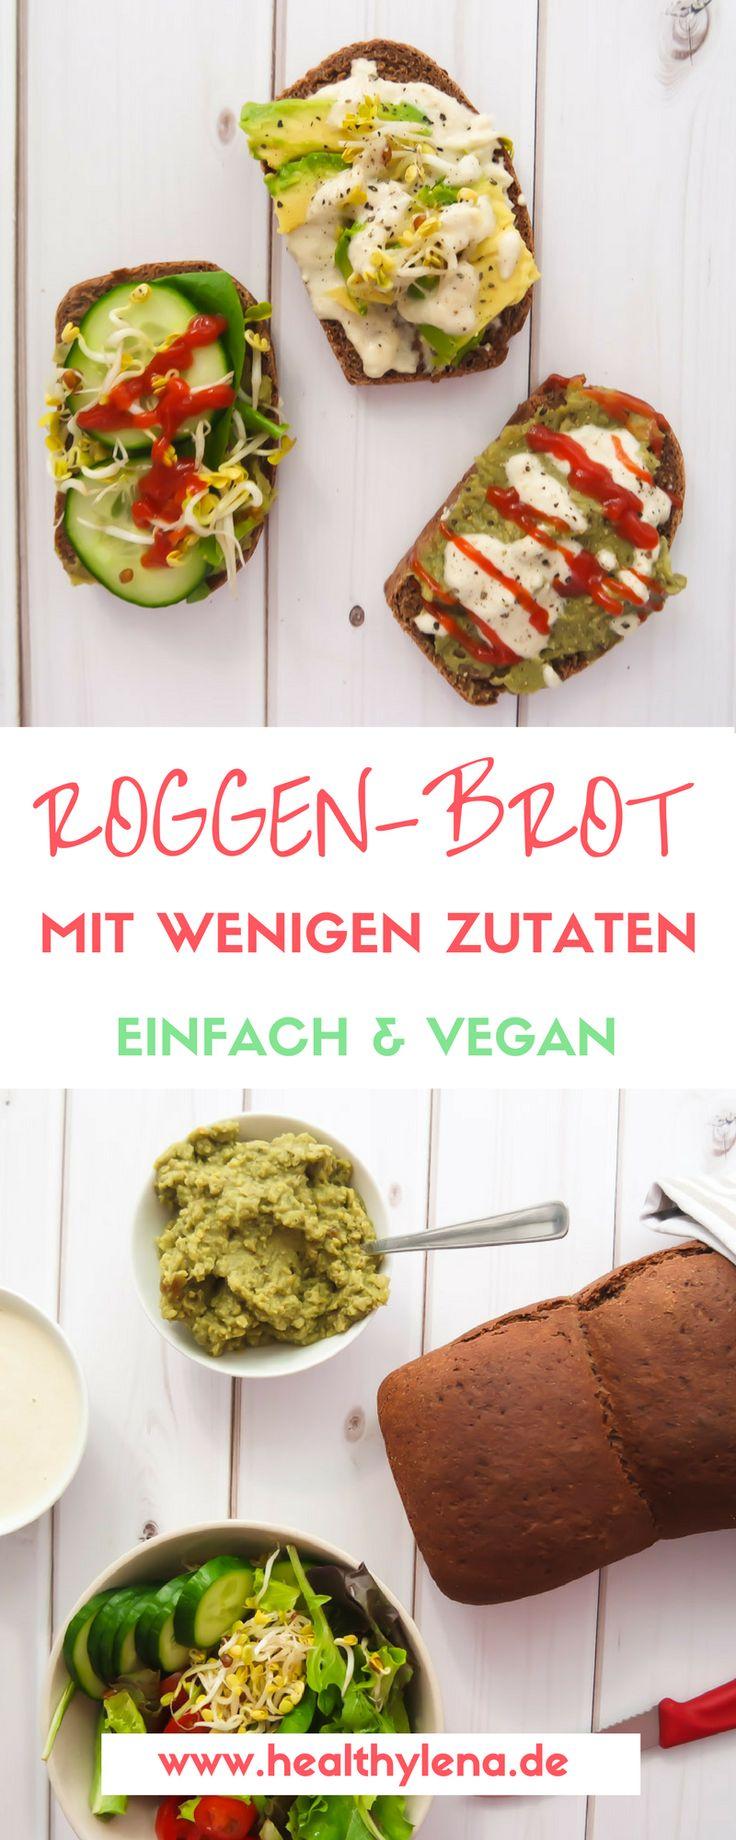 Die gute Brotzeit – kein Wunder, dass wir Deutschen sie so schätzen. Mit meiner Liebe für selbstgebackenes Brot (und den köstlichen Duft in der Küche) bin ich jawohl nicht alleine, oder? Heute habe ich dir daher ein Brot Rezept für ein schnelles & einfaches Roggenbrot mitgebracht. Die Zubereitung für das Roggen-Brot ist super einfach und es werden nur 7 Zutaten benötigt. Es ist zudem vegan, gesund & fettarm!